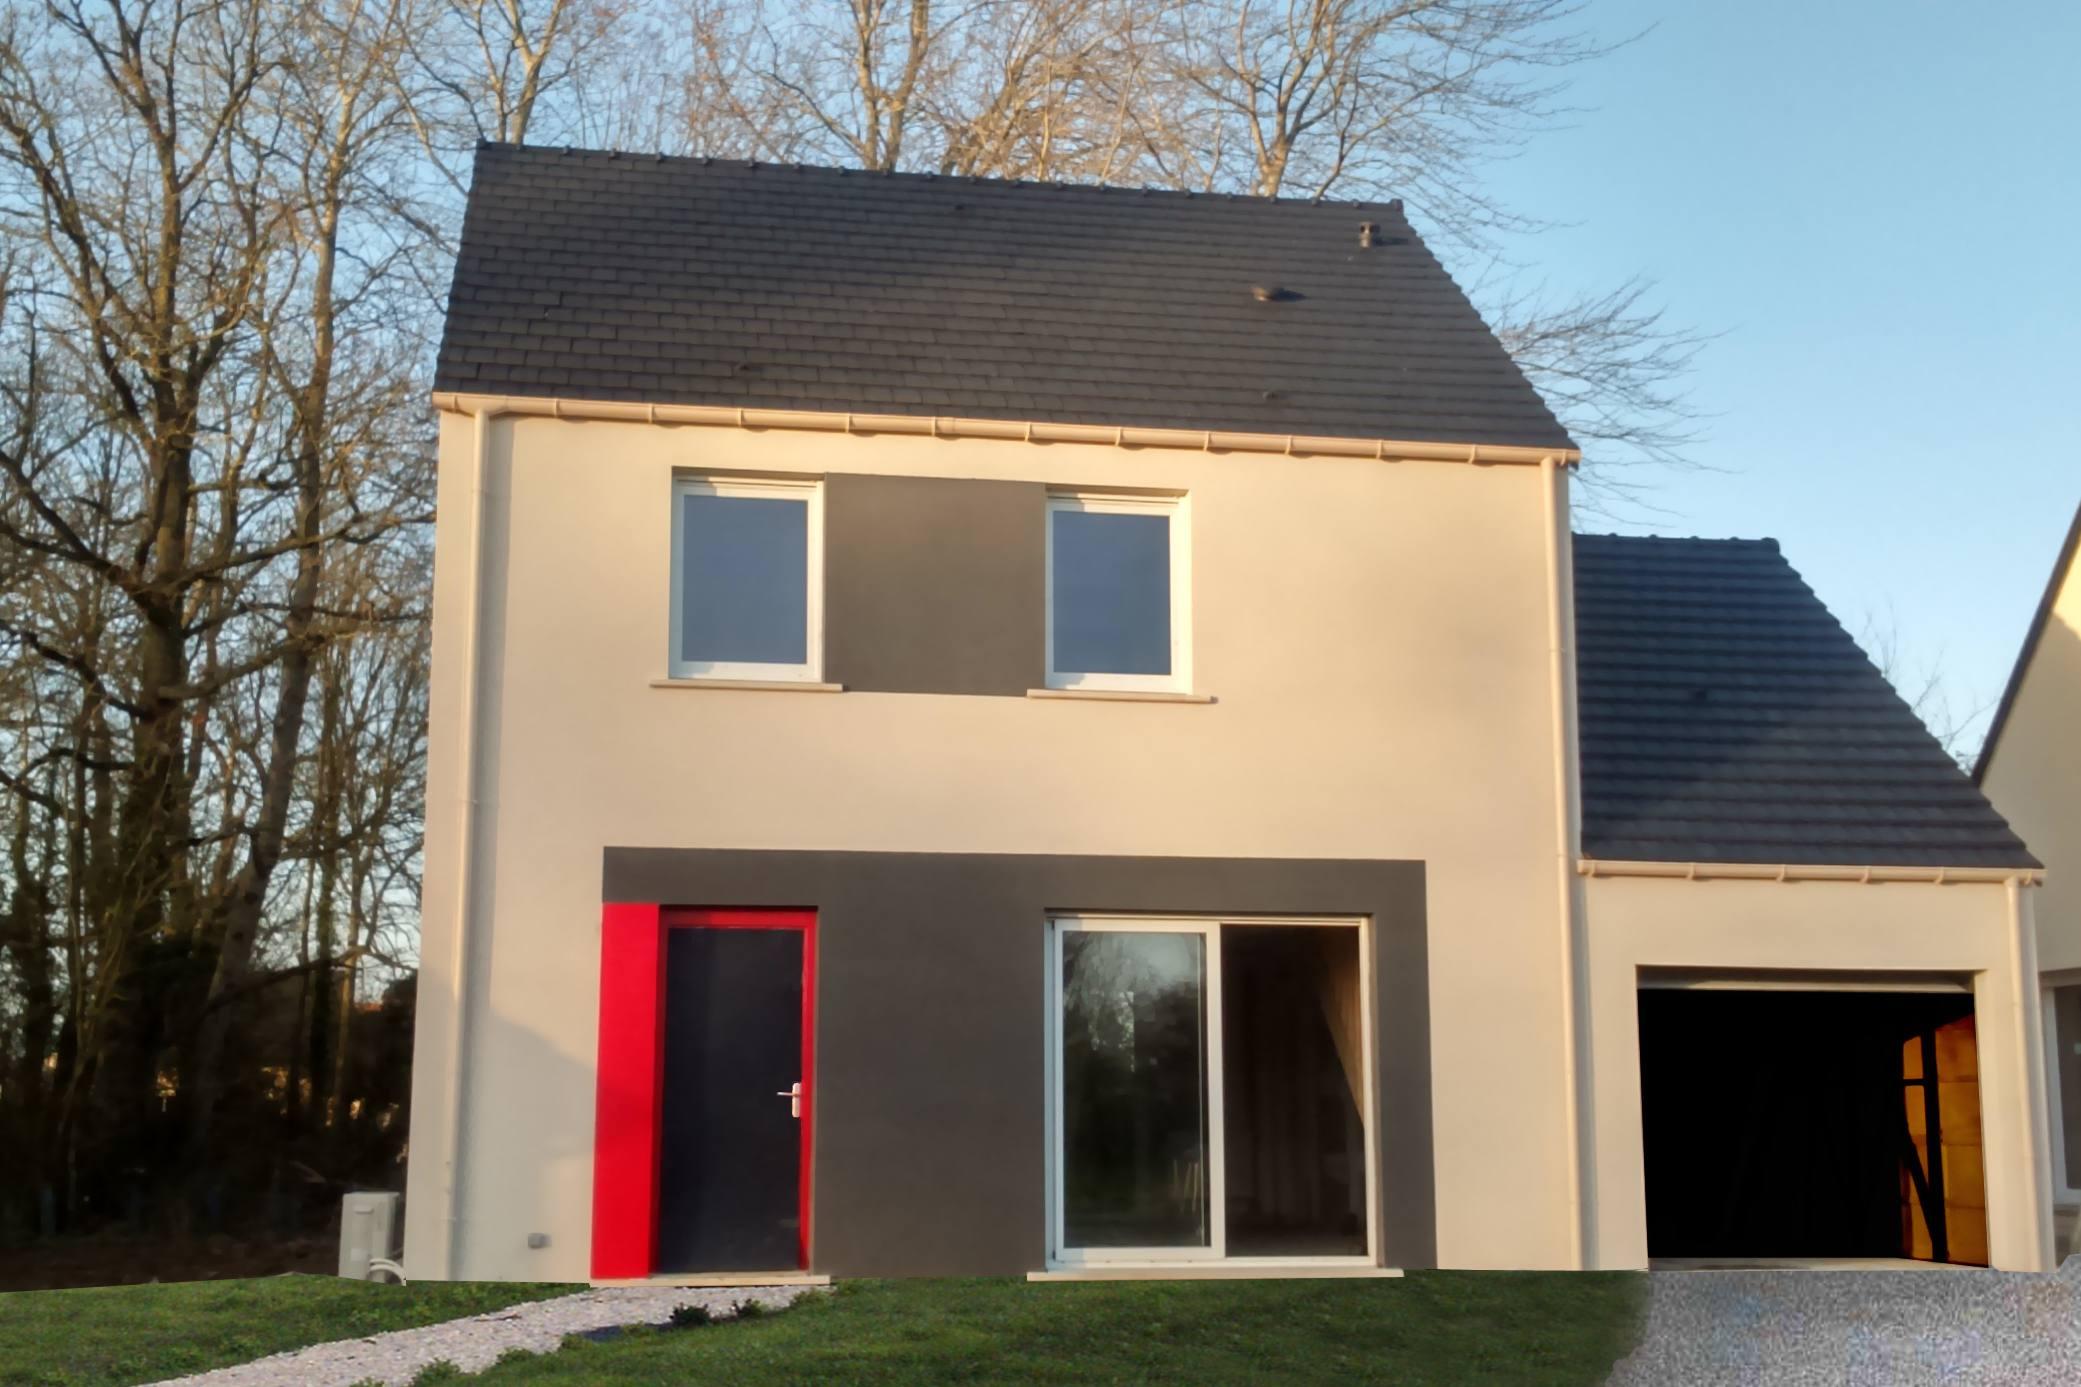 Maisons + Terrains du constructeur Maisons Phénix Le Havre • 80 m² • LILLEBONNE